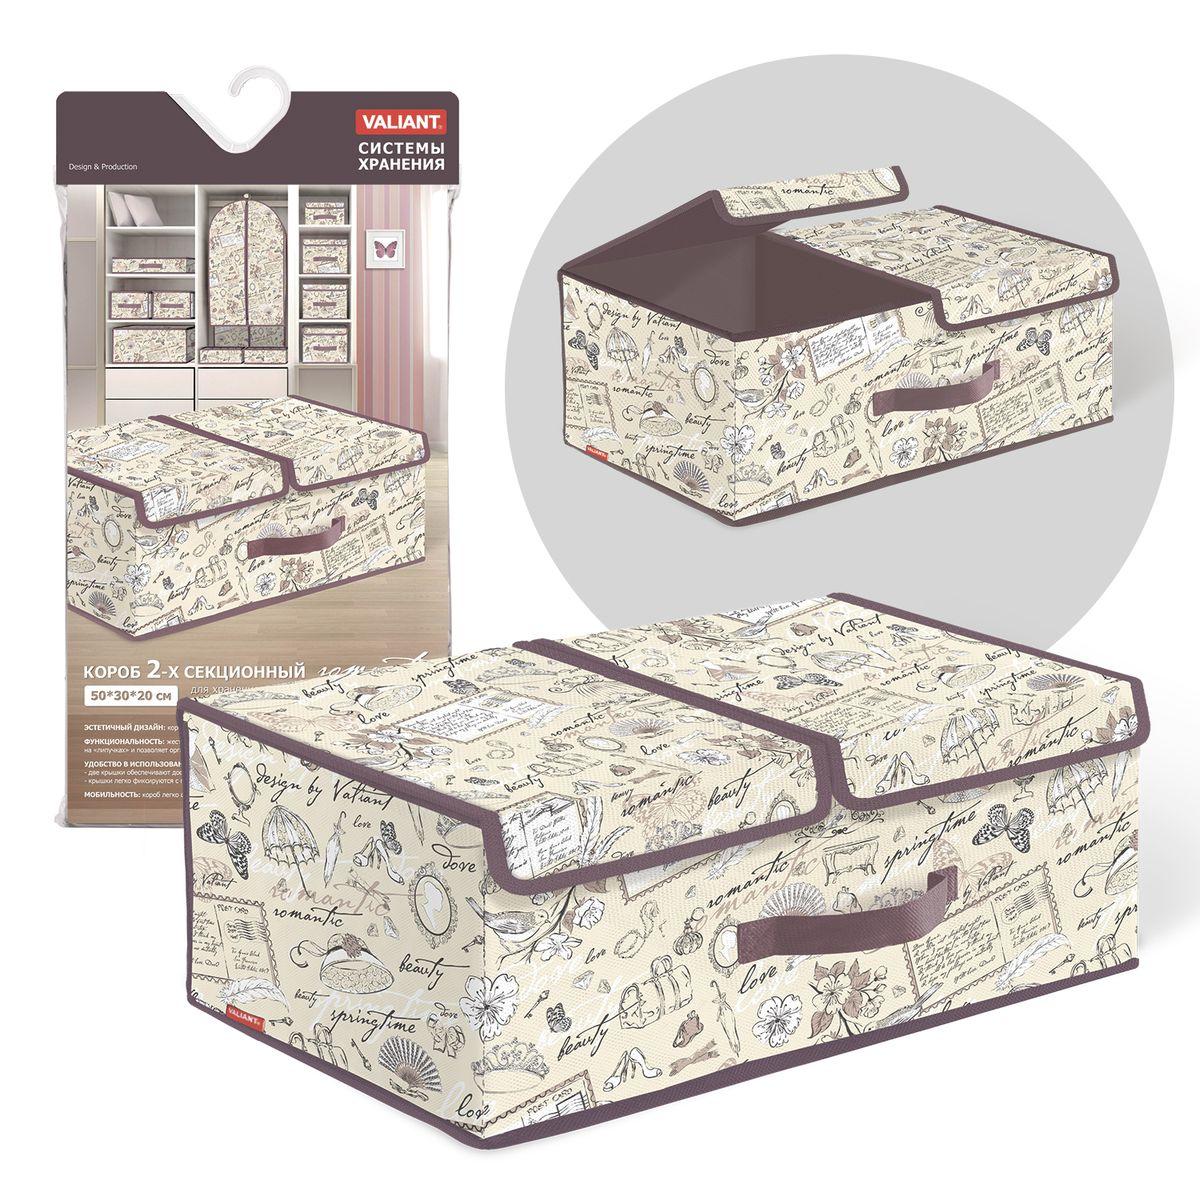 """Стеллажный короб Valiant """"Romantic"""" изготовлен из  высококачественного нетканого материала, который  обеспечивает естественную вентиляцию, позволяя воздуху  проникать внутрь, но не пропускает пыль. Вставки из  плотного картона хорошо держат форму. Короб предназначен  для хранения одежды, белья, мелких вещей.  Жесткая съемная перегородка крепится на липучки и  позволяет организовать внутри короба две секции. Две  крышки обеспечивают доступ к содержимому каждой секции.  Крышки фиксируются с помощью специальных магнитов.  Изделие отличается мобильностью: легко раскладывается и  складывается. Спереди расположена ручка.  Система хранения """"Romantic"""" создаст трогательную атмосферу  романтического настроения в женском гардеробе.  Оригинальный дизайн придется по вкусу ценительницам  эстетичного хранения. Системы хранения в едином дизайне  сделают вашу гардеробную изысканной и невероятно  стильной."""